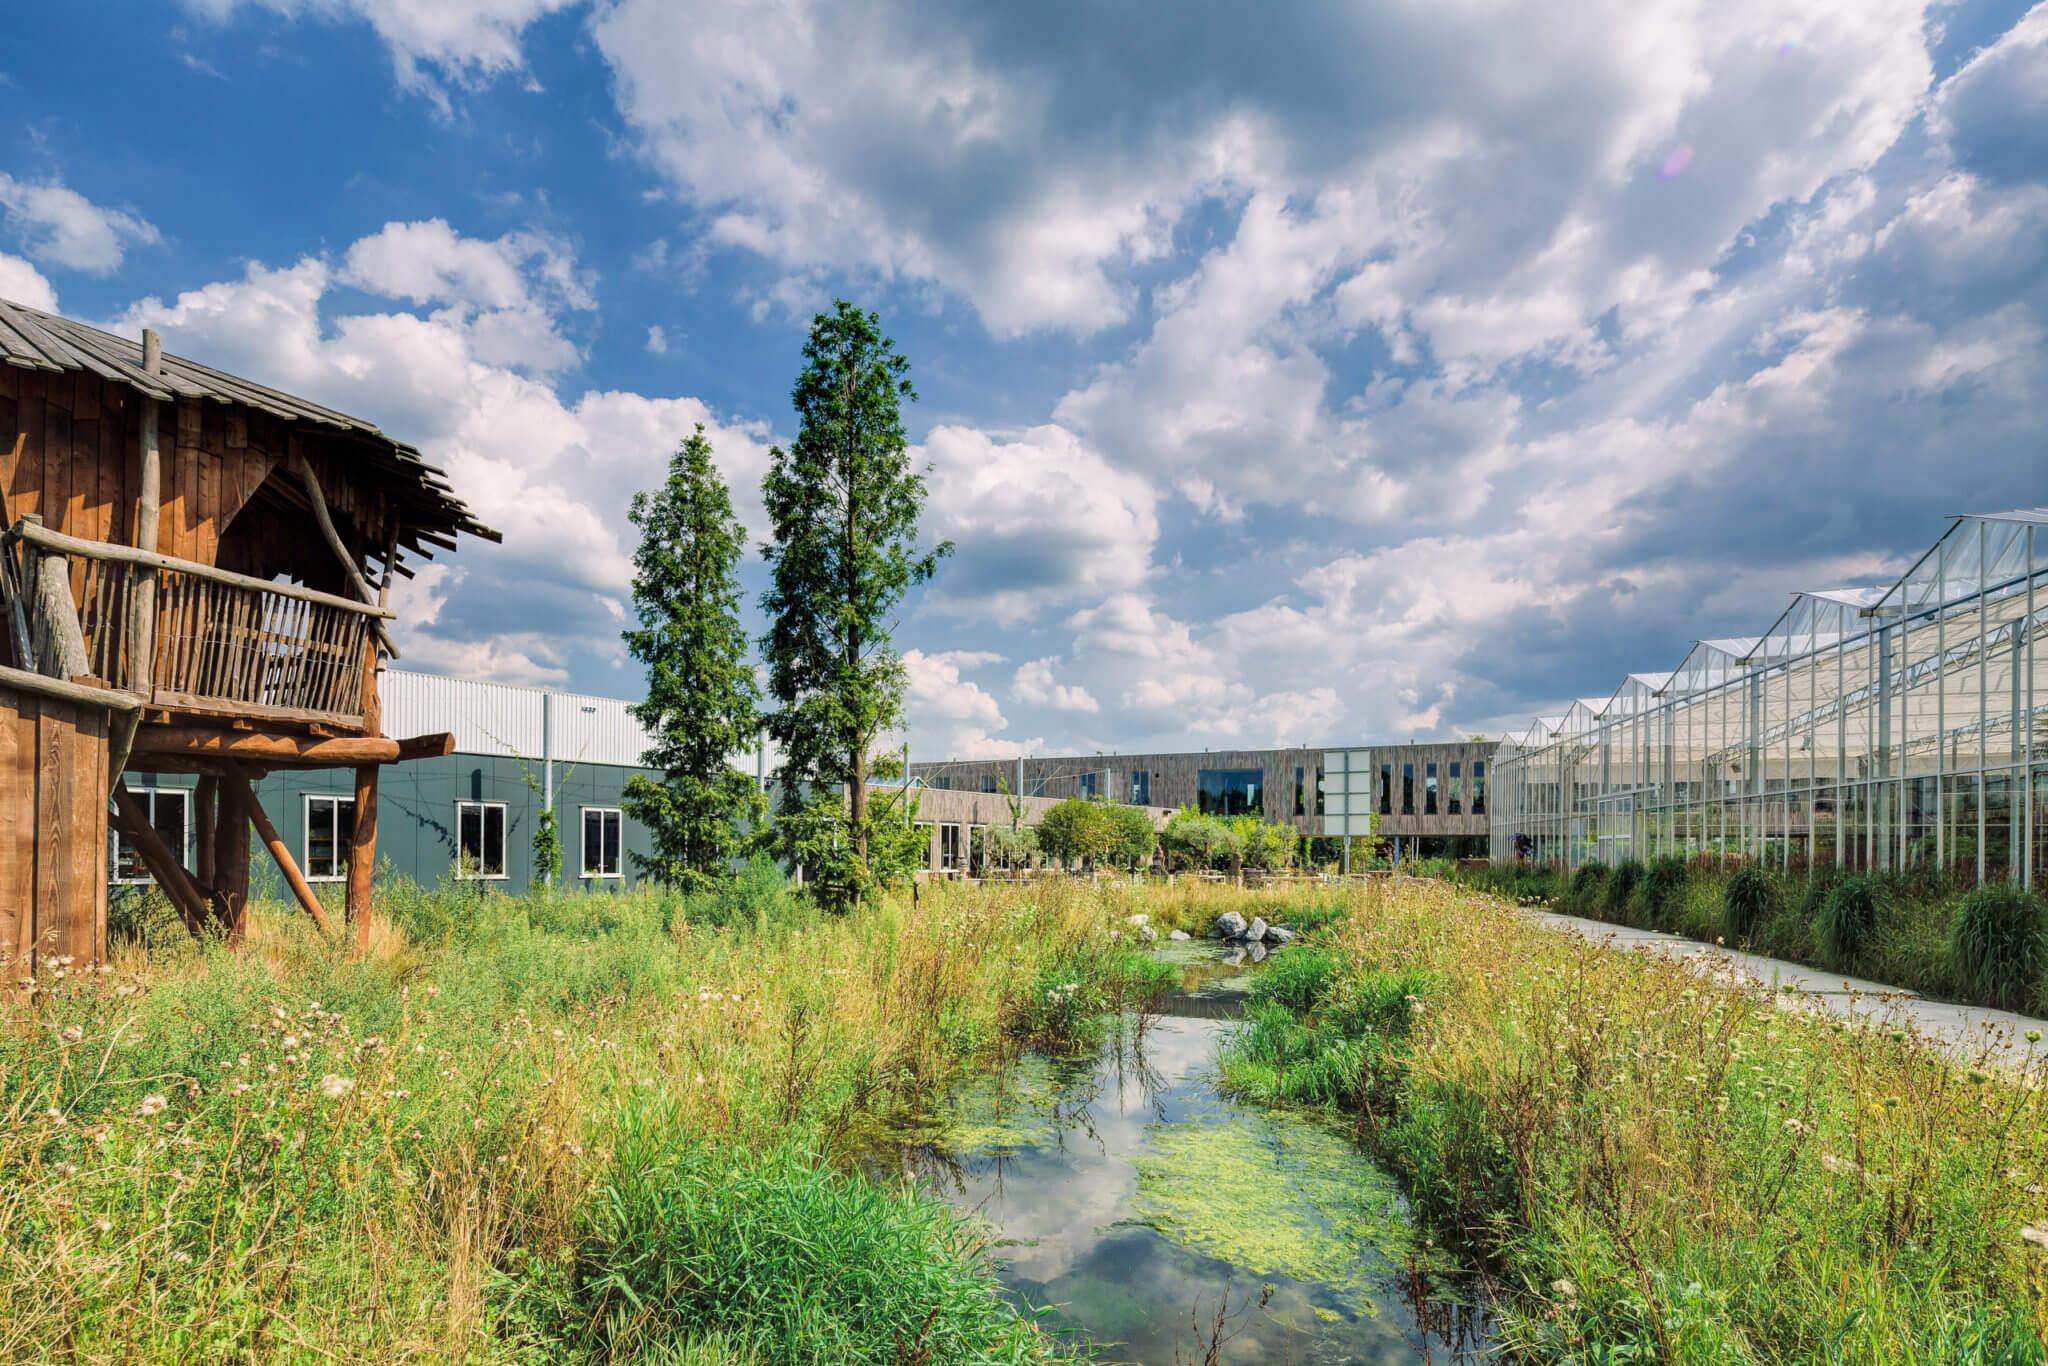 duurzaam ecologie co-creatie eco-chique transport logistiek kantoor campus binnenwereld hout Robinia groen water retail werkplek Eersel natuurgebied werken in het groen